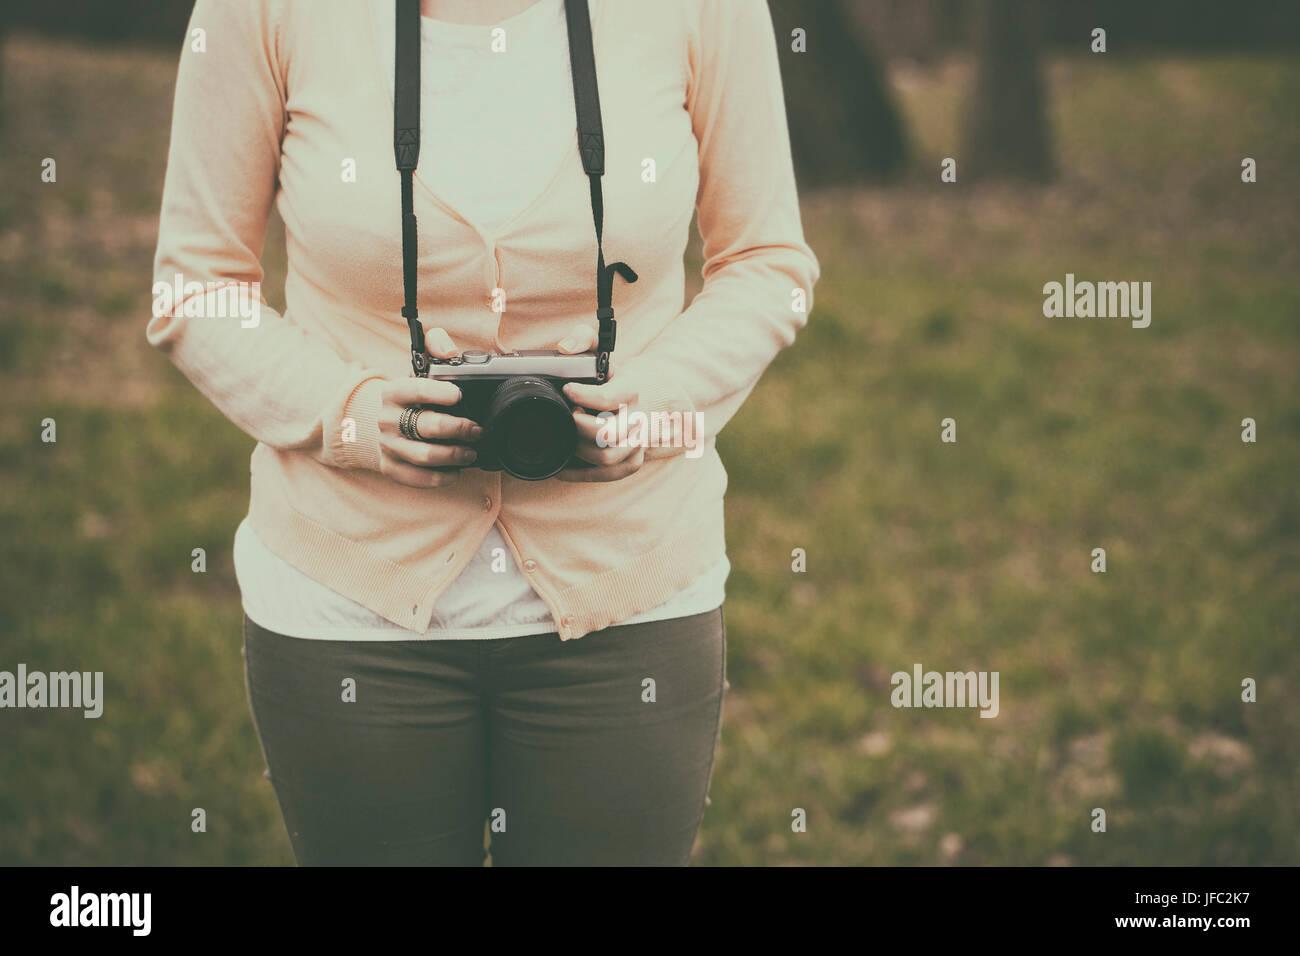 Donna con una fotocamera retrò Immagini Stock